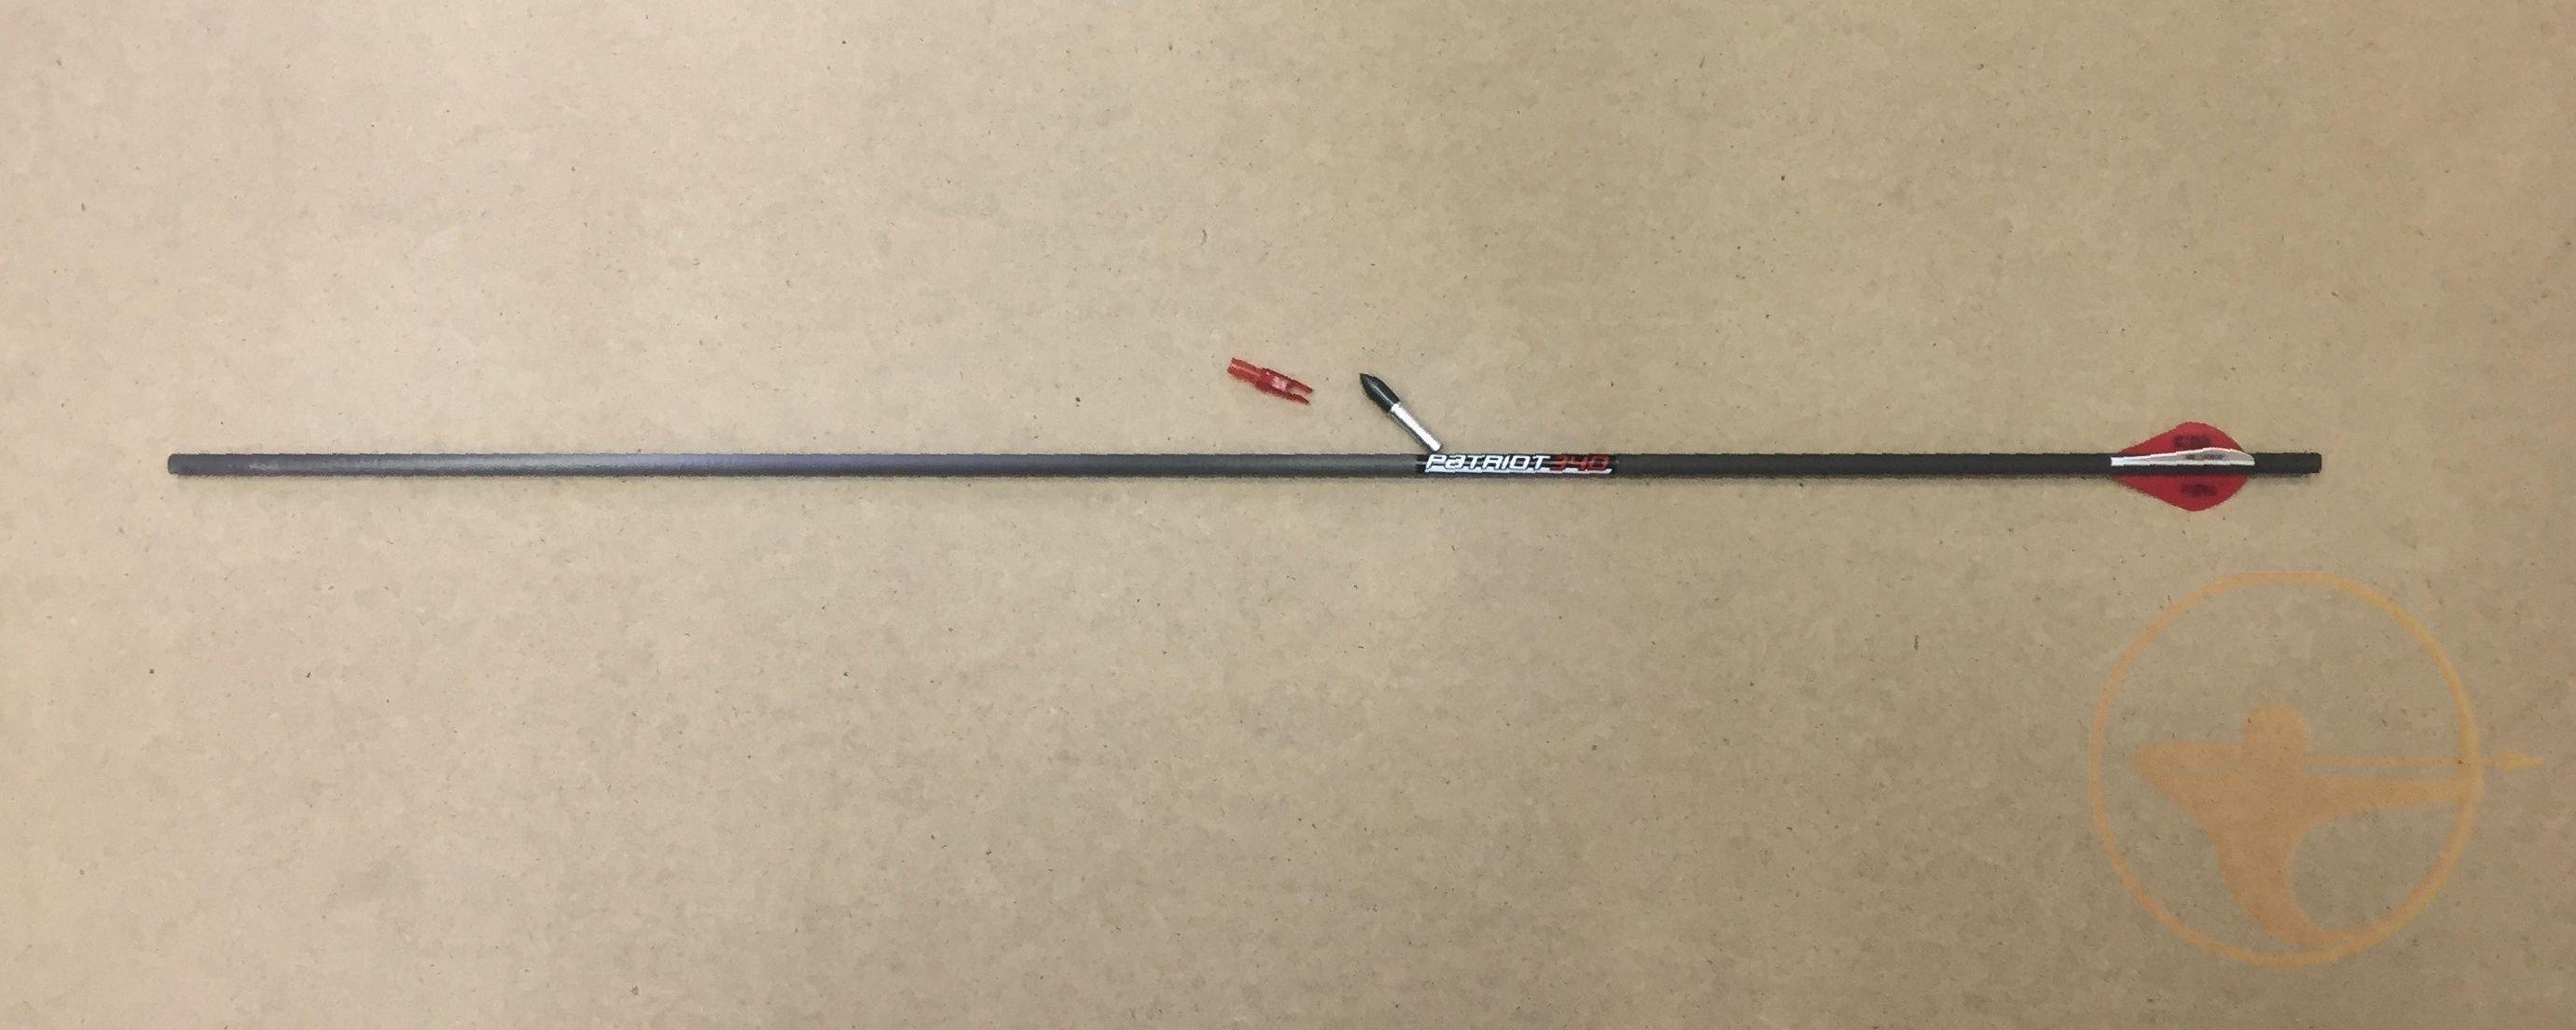 Стрела лучная карбоновая Bowmaster Patriot 340 с оперением Blazer (6 шт.)